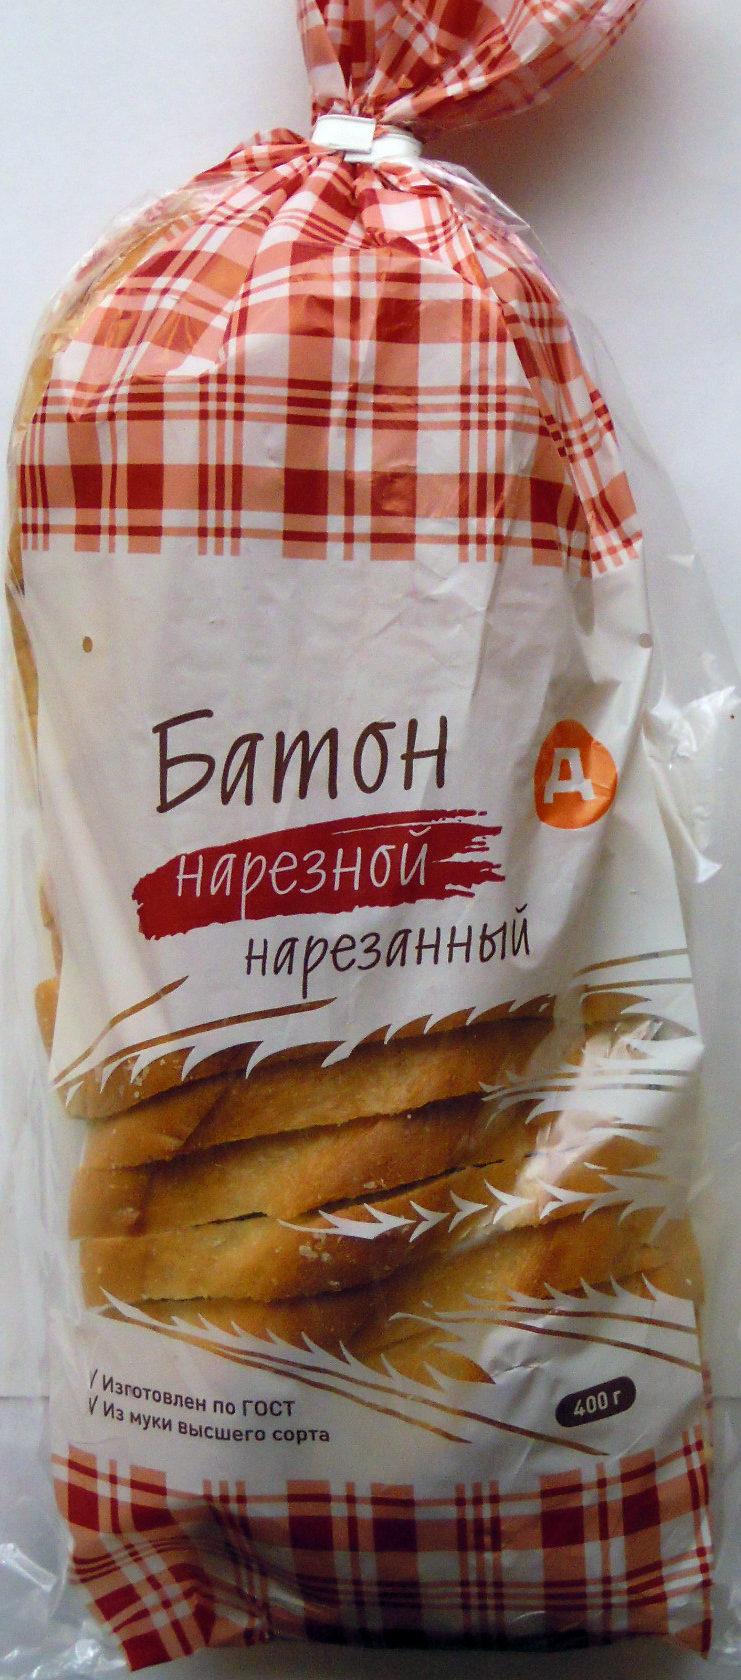 Батон нарезной нарезанный - Product - ru